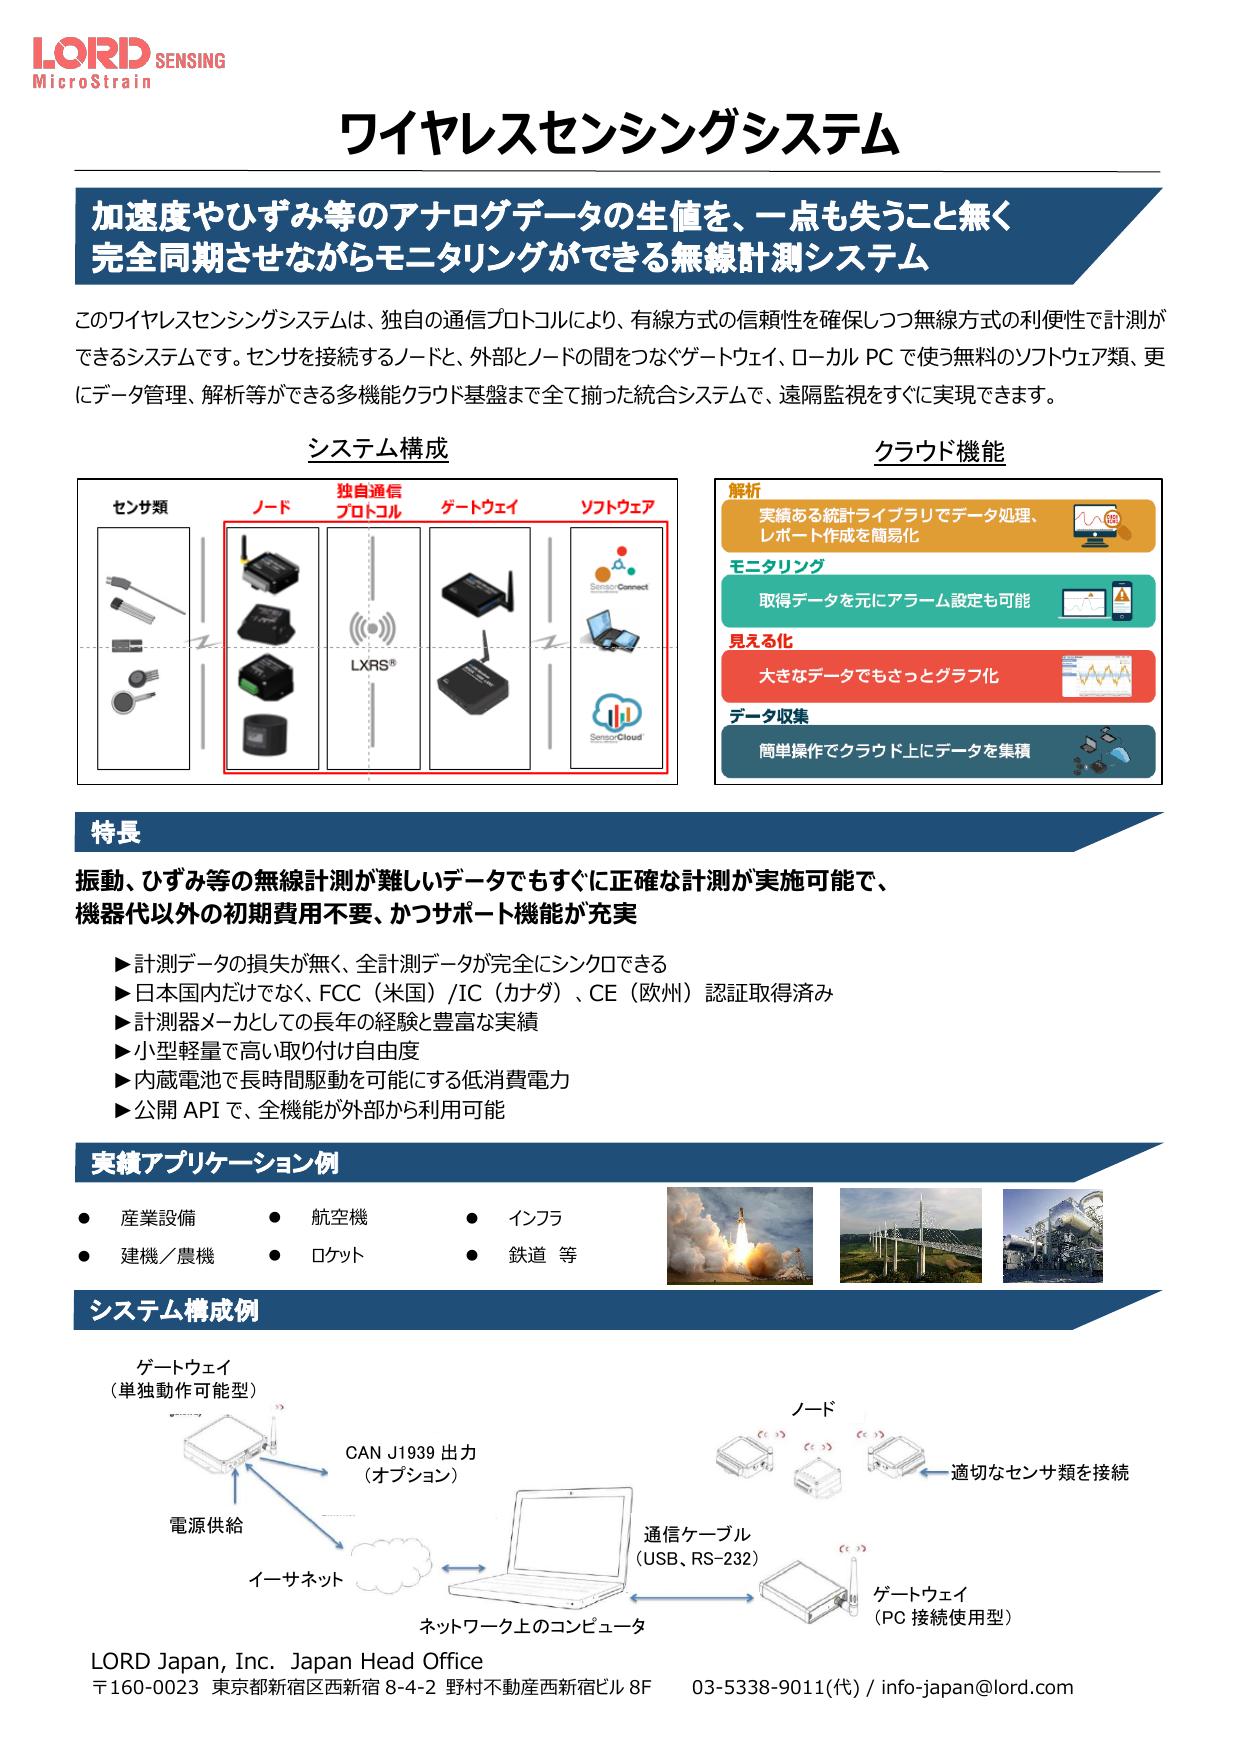 グループ会社 京セラドキュメントソリューションズ株式会社 |